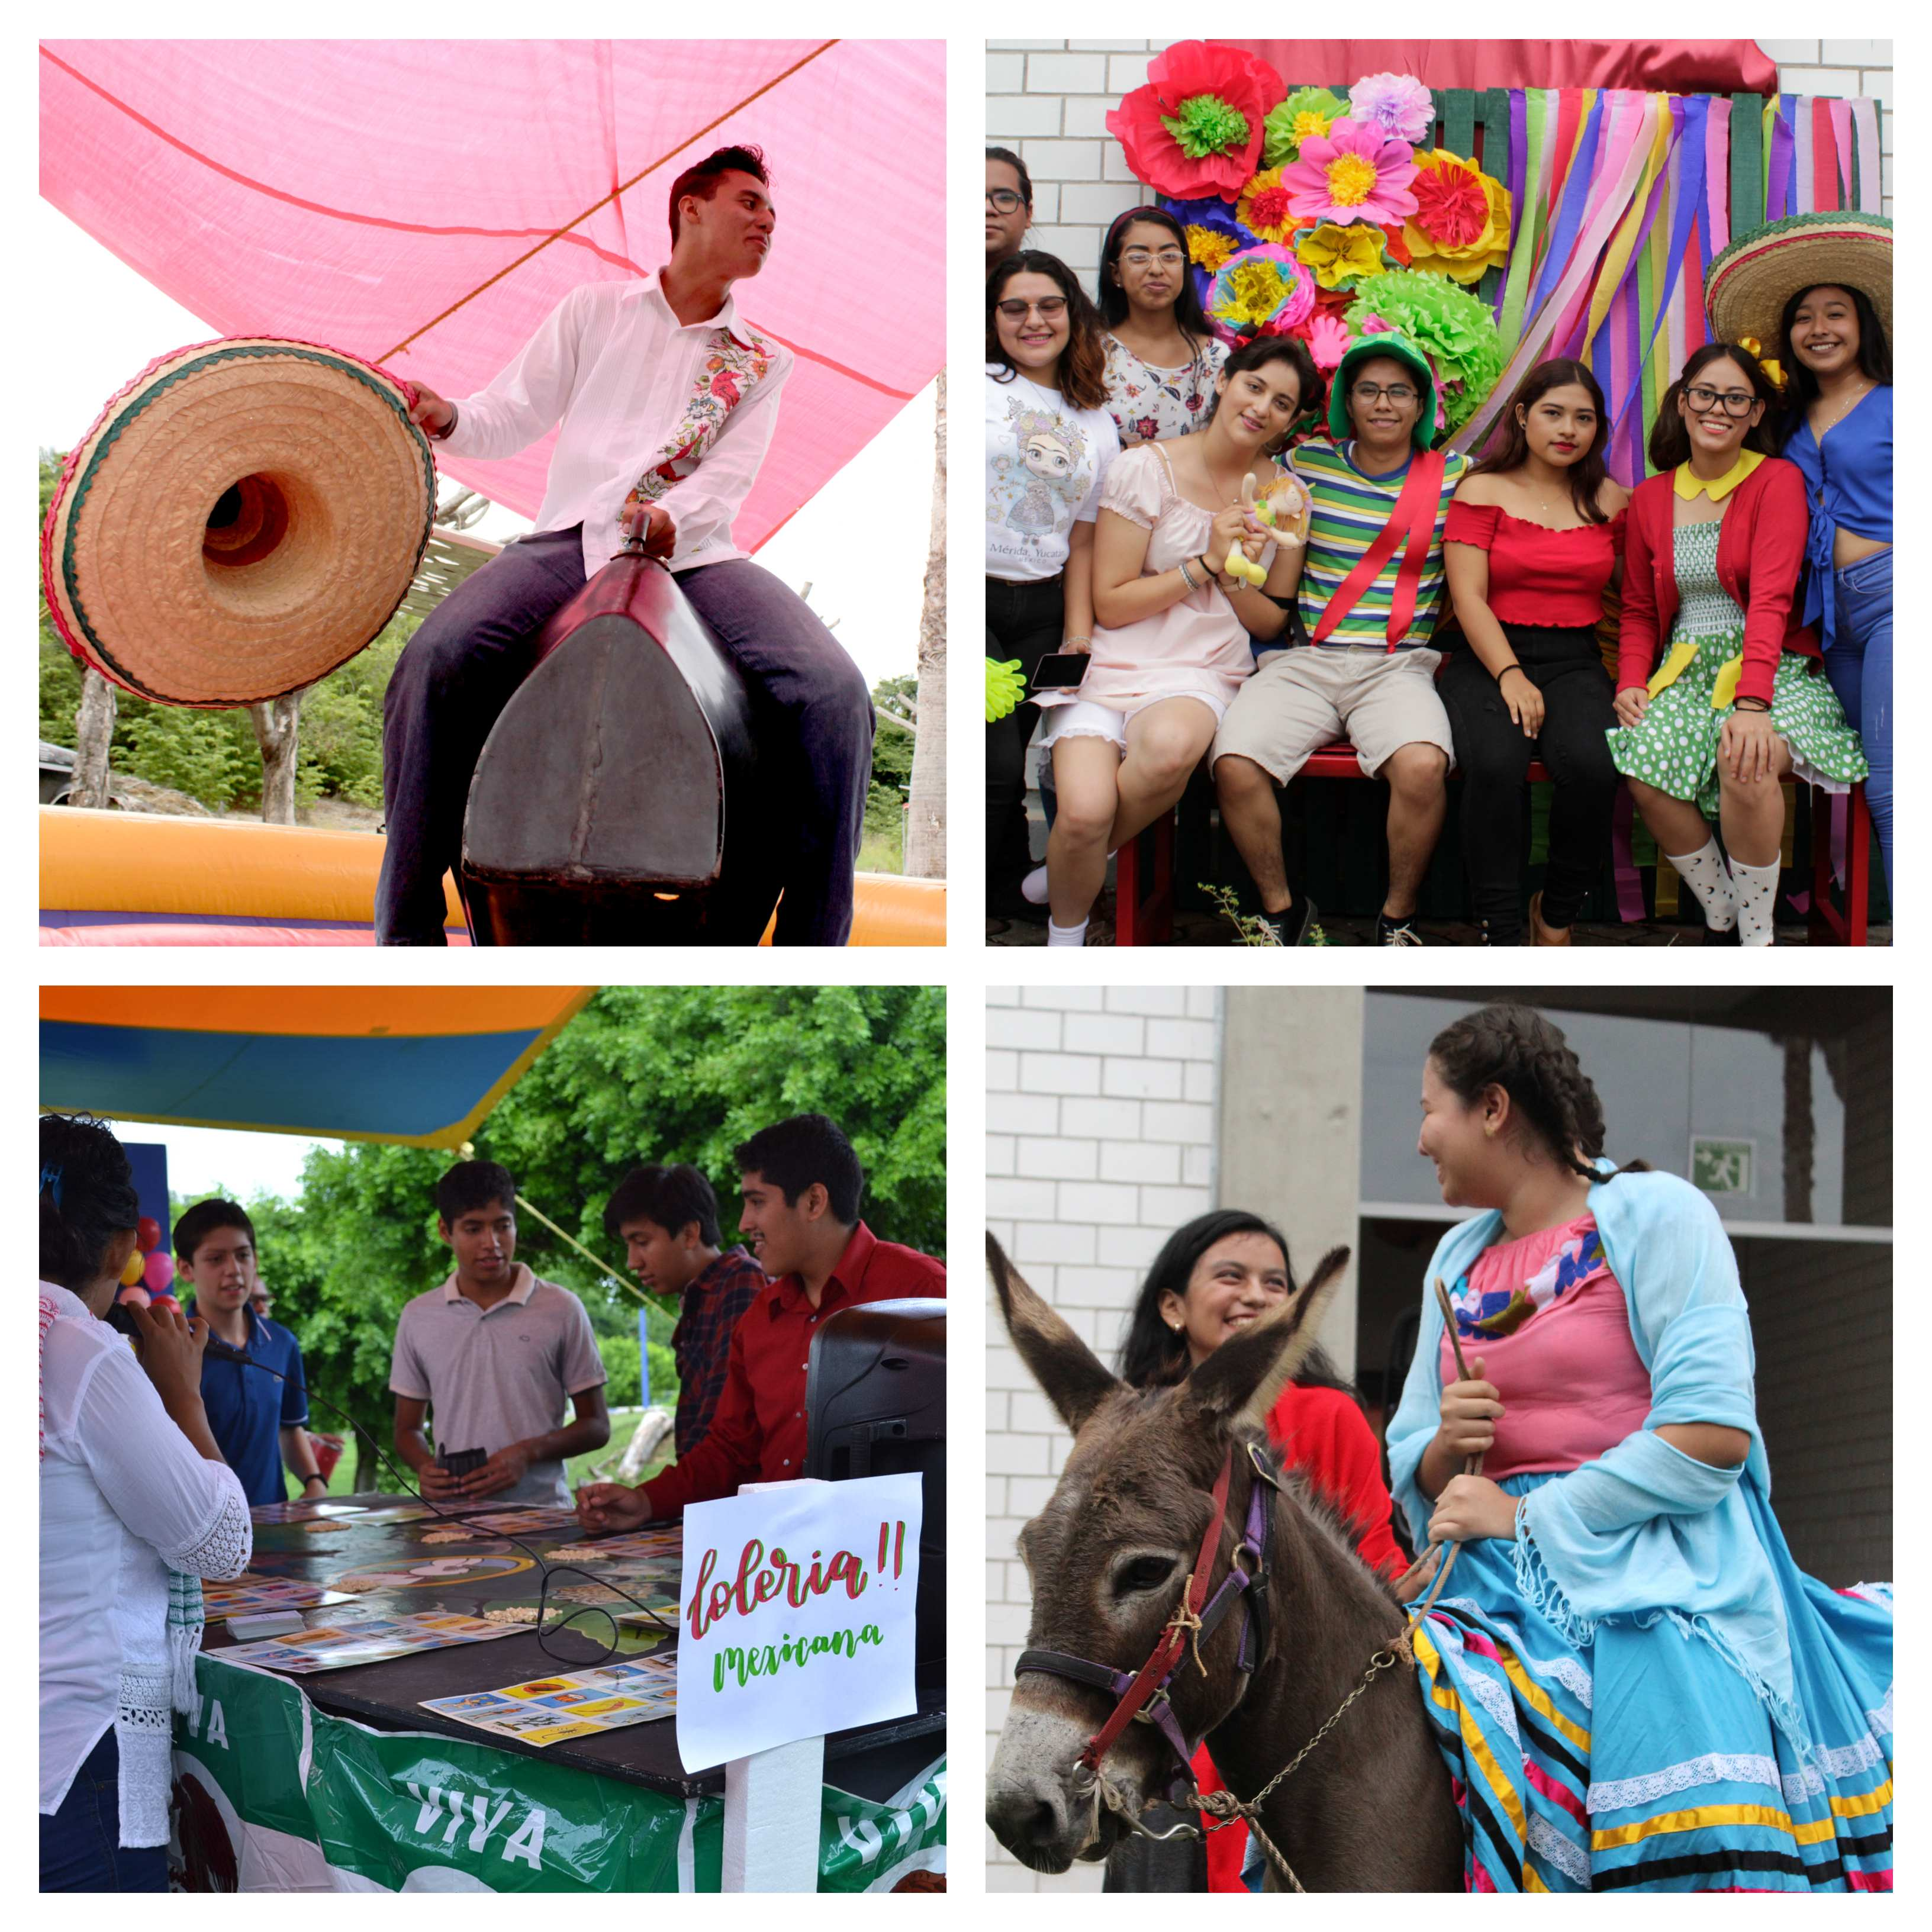 Alumnos de UMAD Papaloapan celebran su Fiesta de Bienvenida con motivos patrios